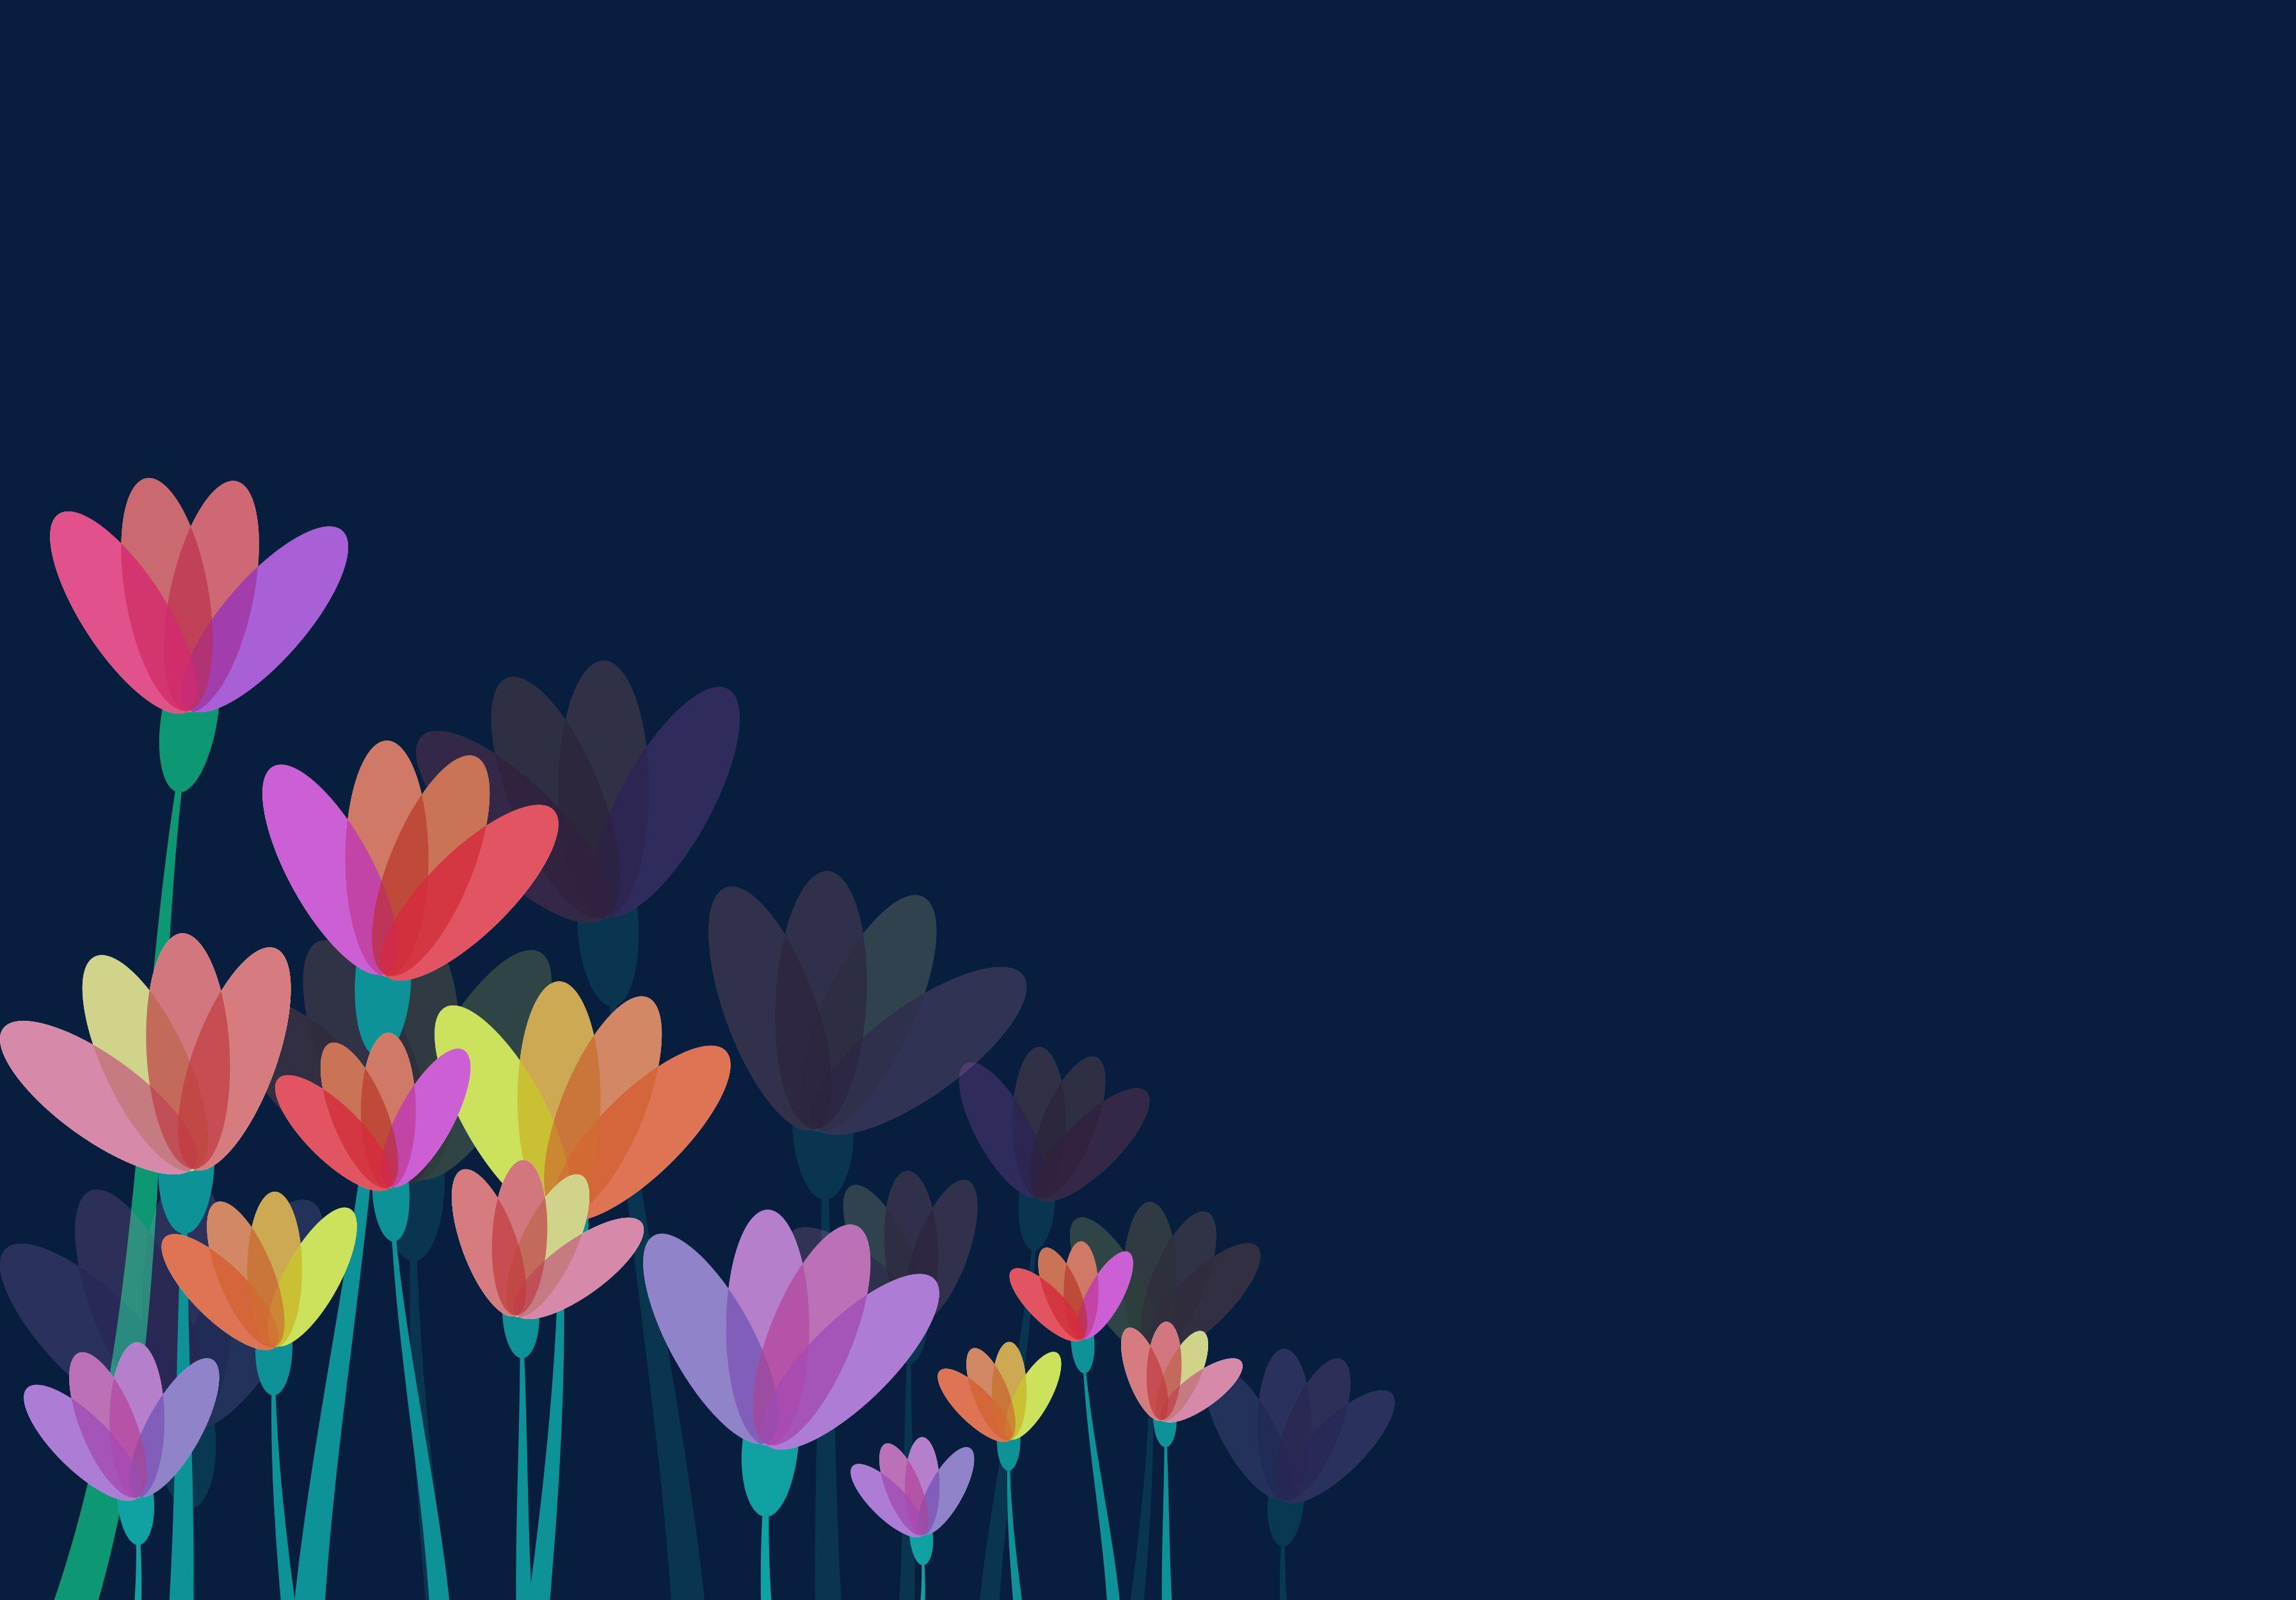 144716 Заставки и Обои Вектор на телефон. Скачать Вектор, Цветы, Разноцветный картинки бесплатно